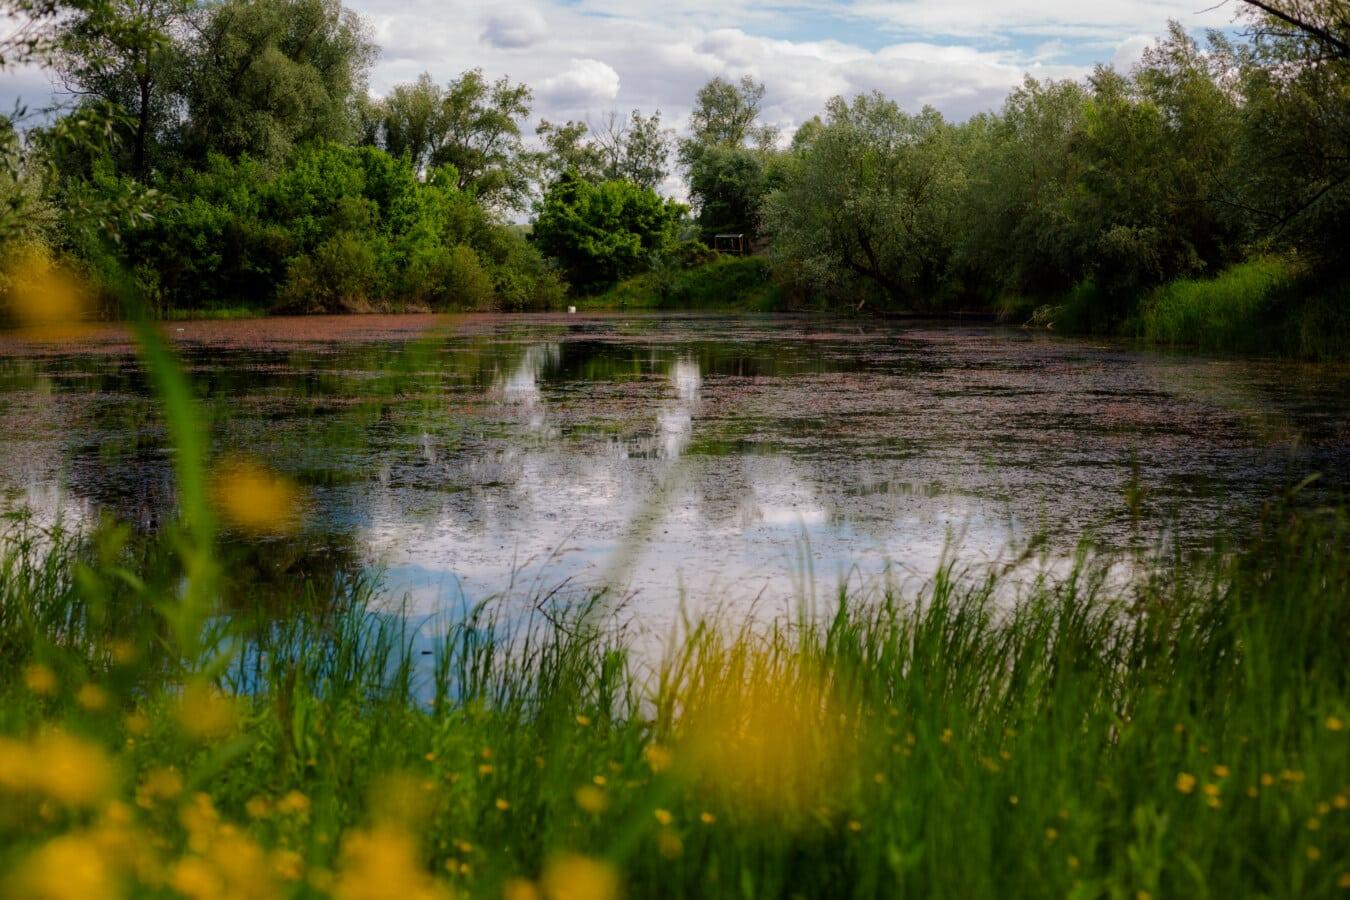 marais, canal, idyllique, plante aquatique, marais, eau, réflexion, paysage, terrain, zones humides